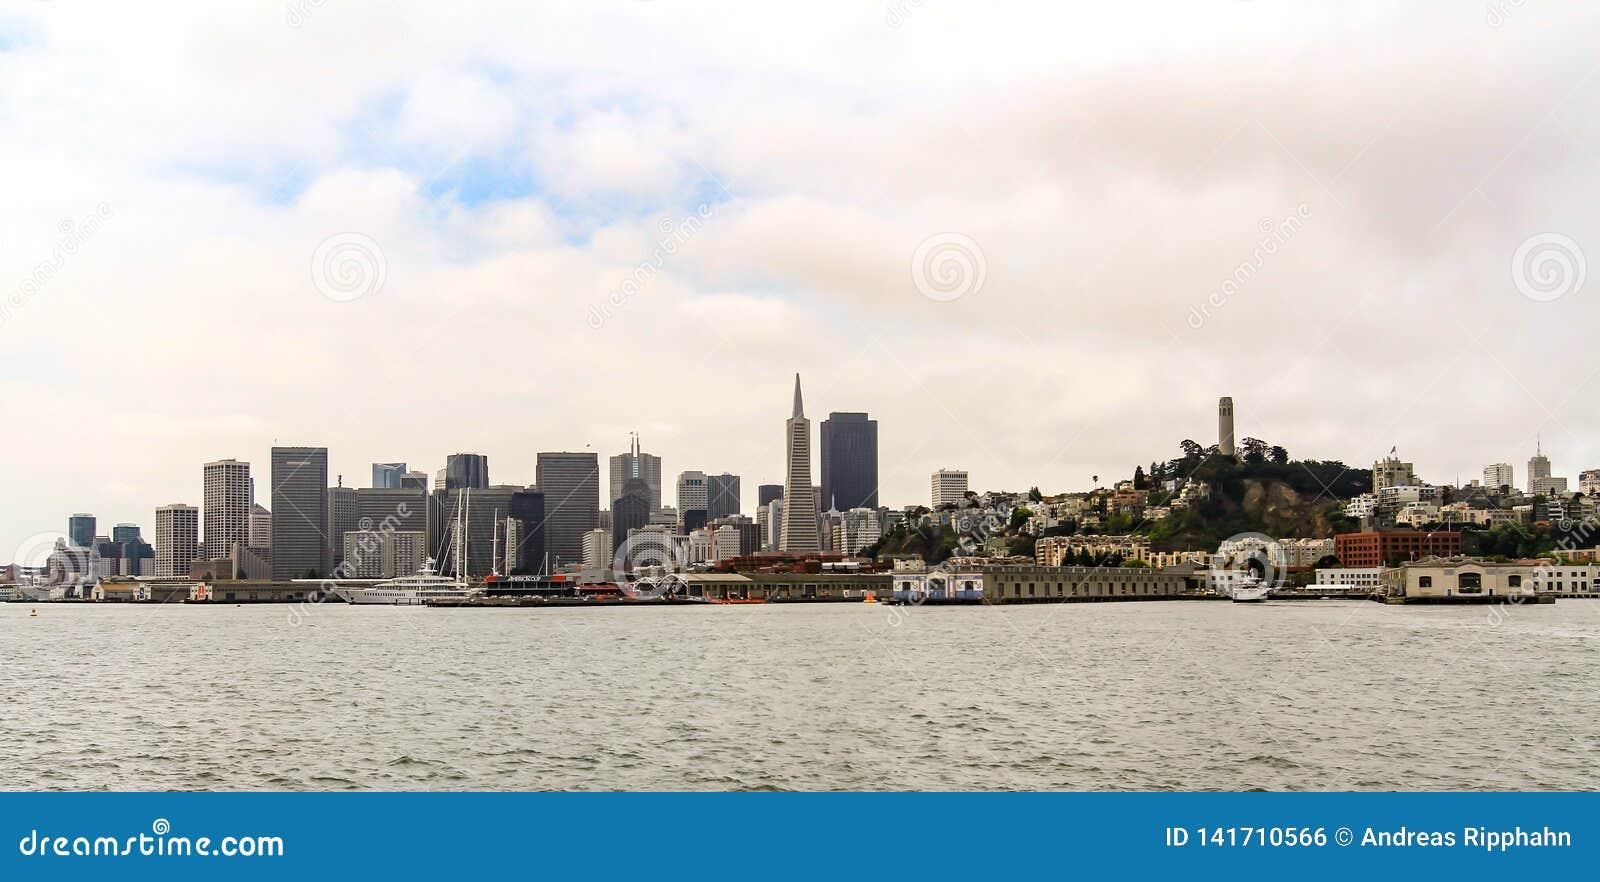 San Francisco Cityscape on the skyline